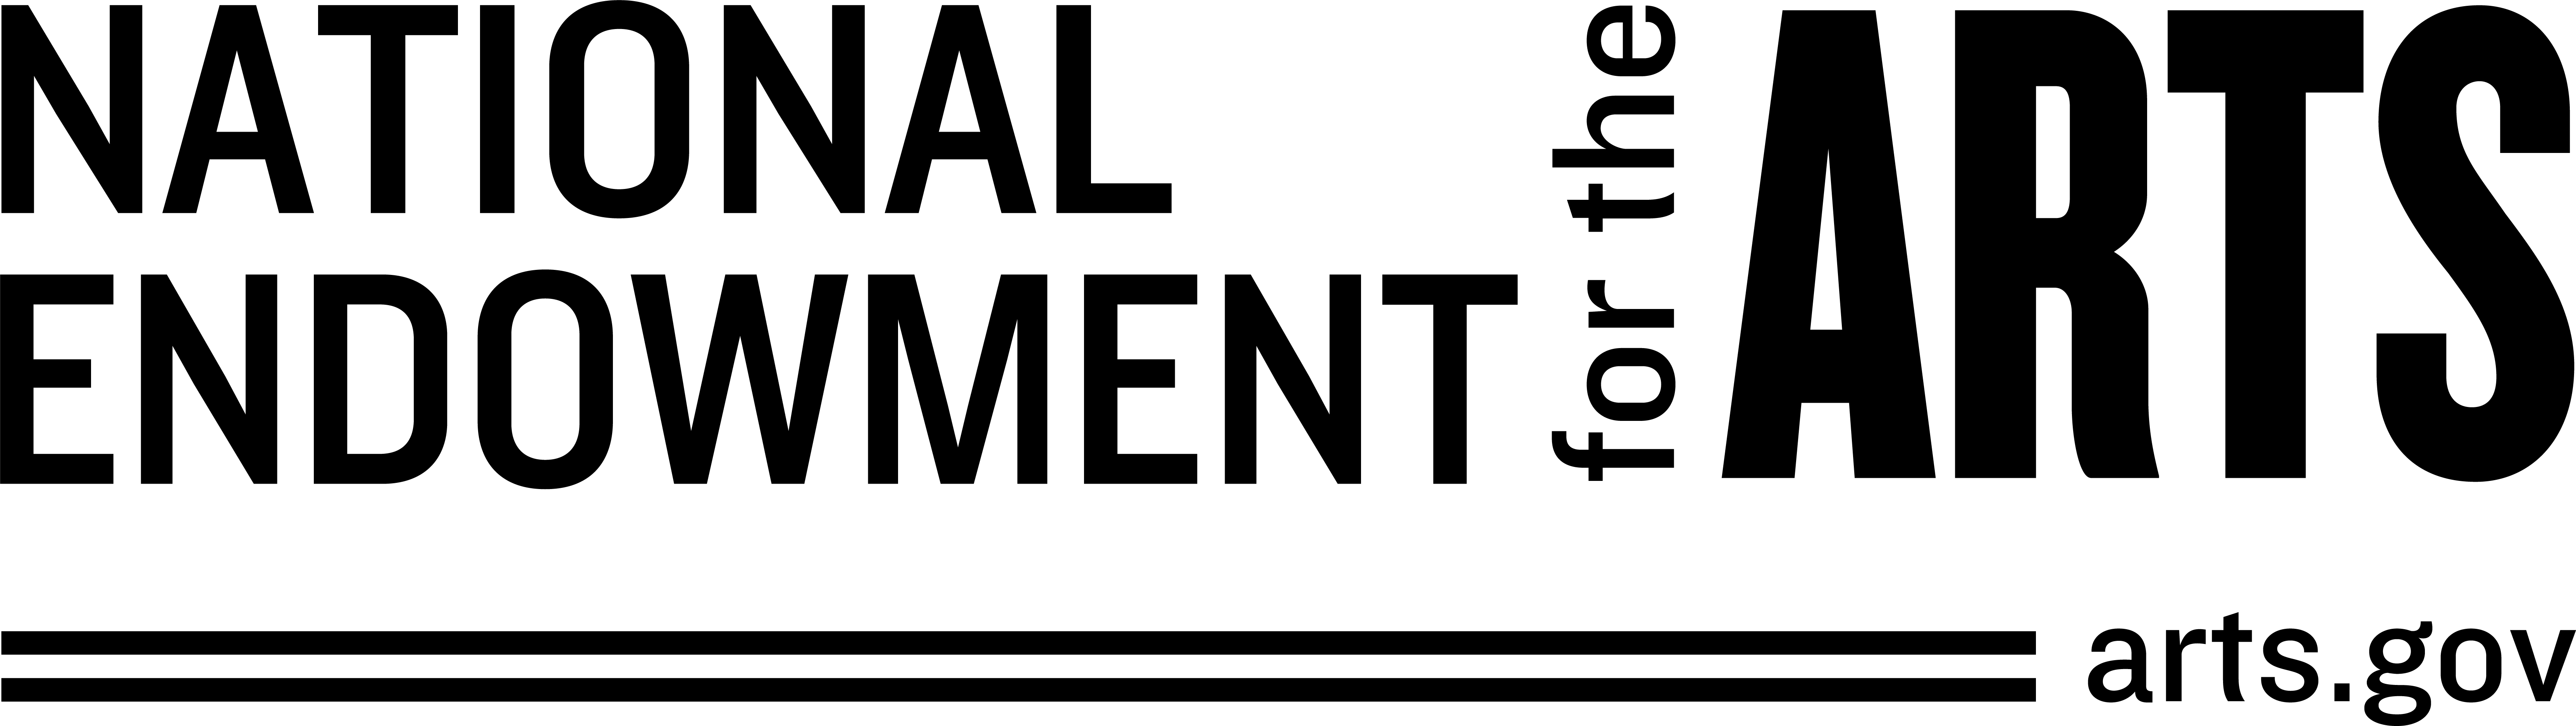 Kenneth Rainin Foundation Logo